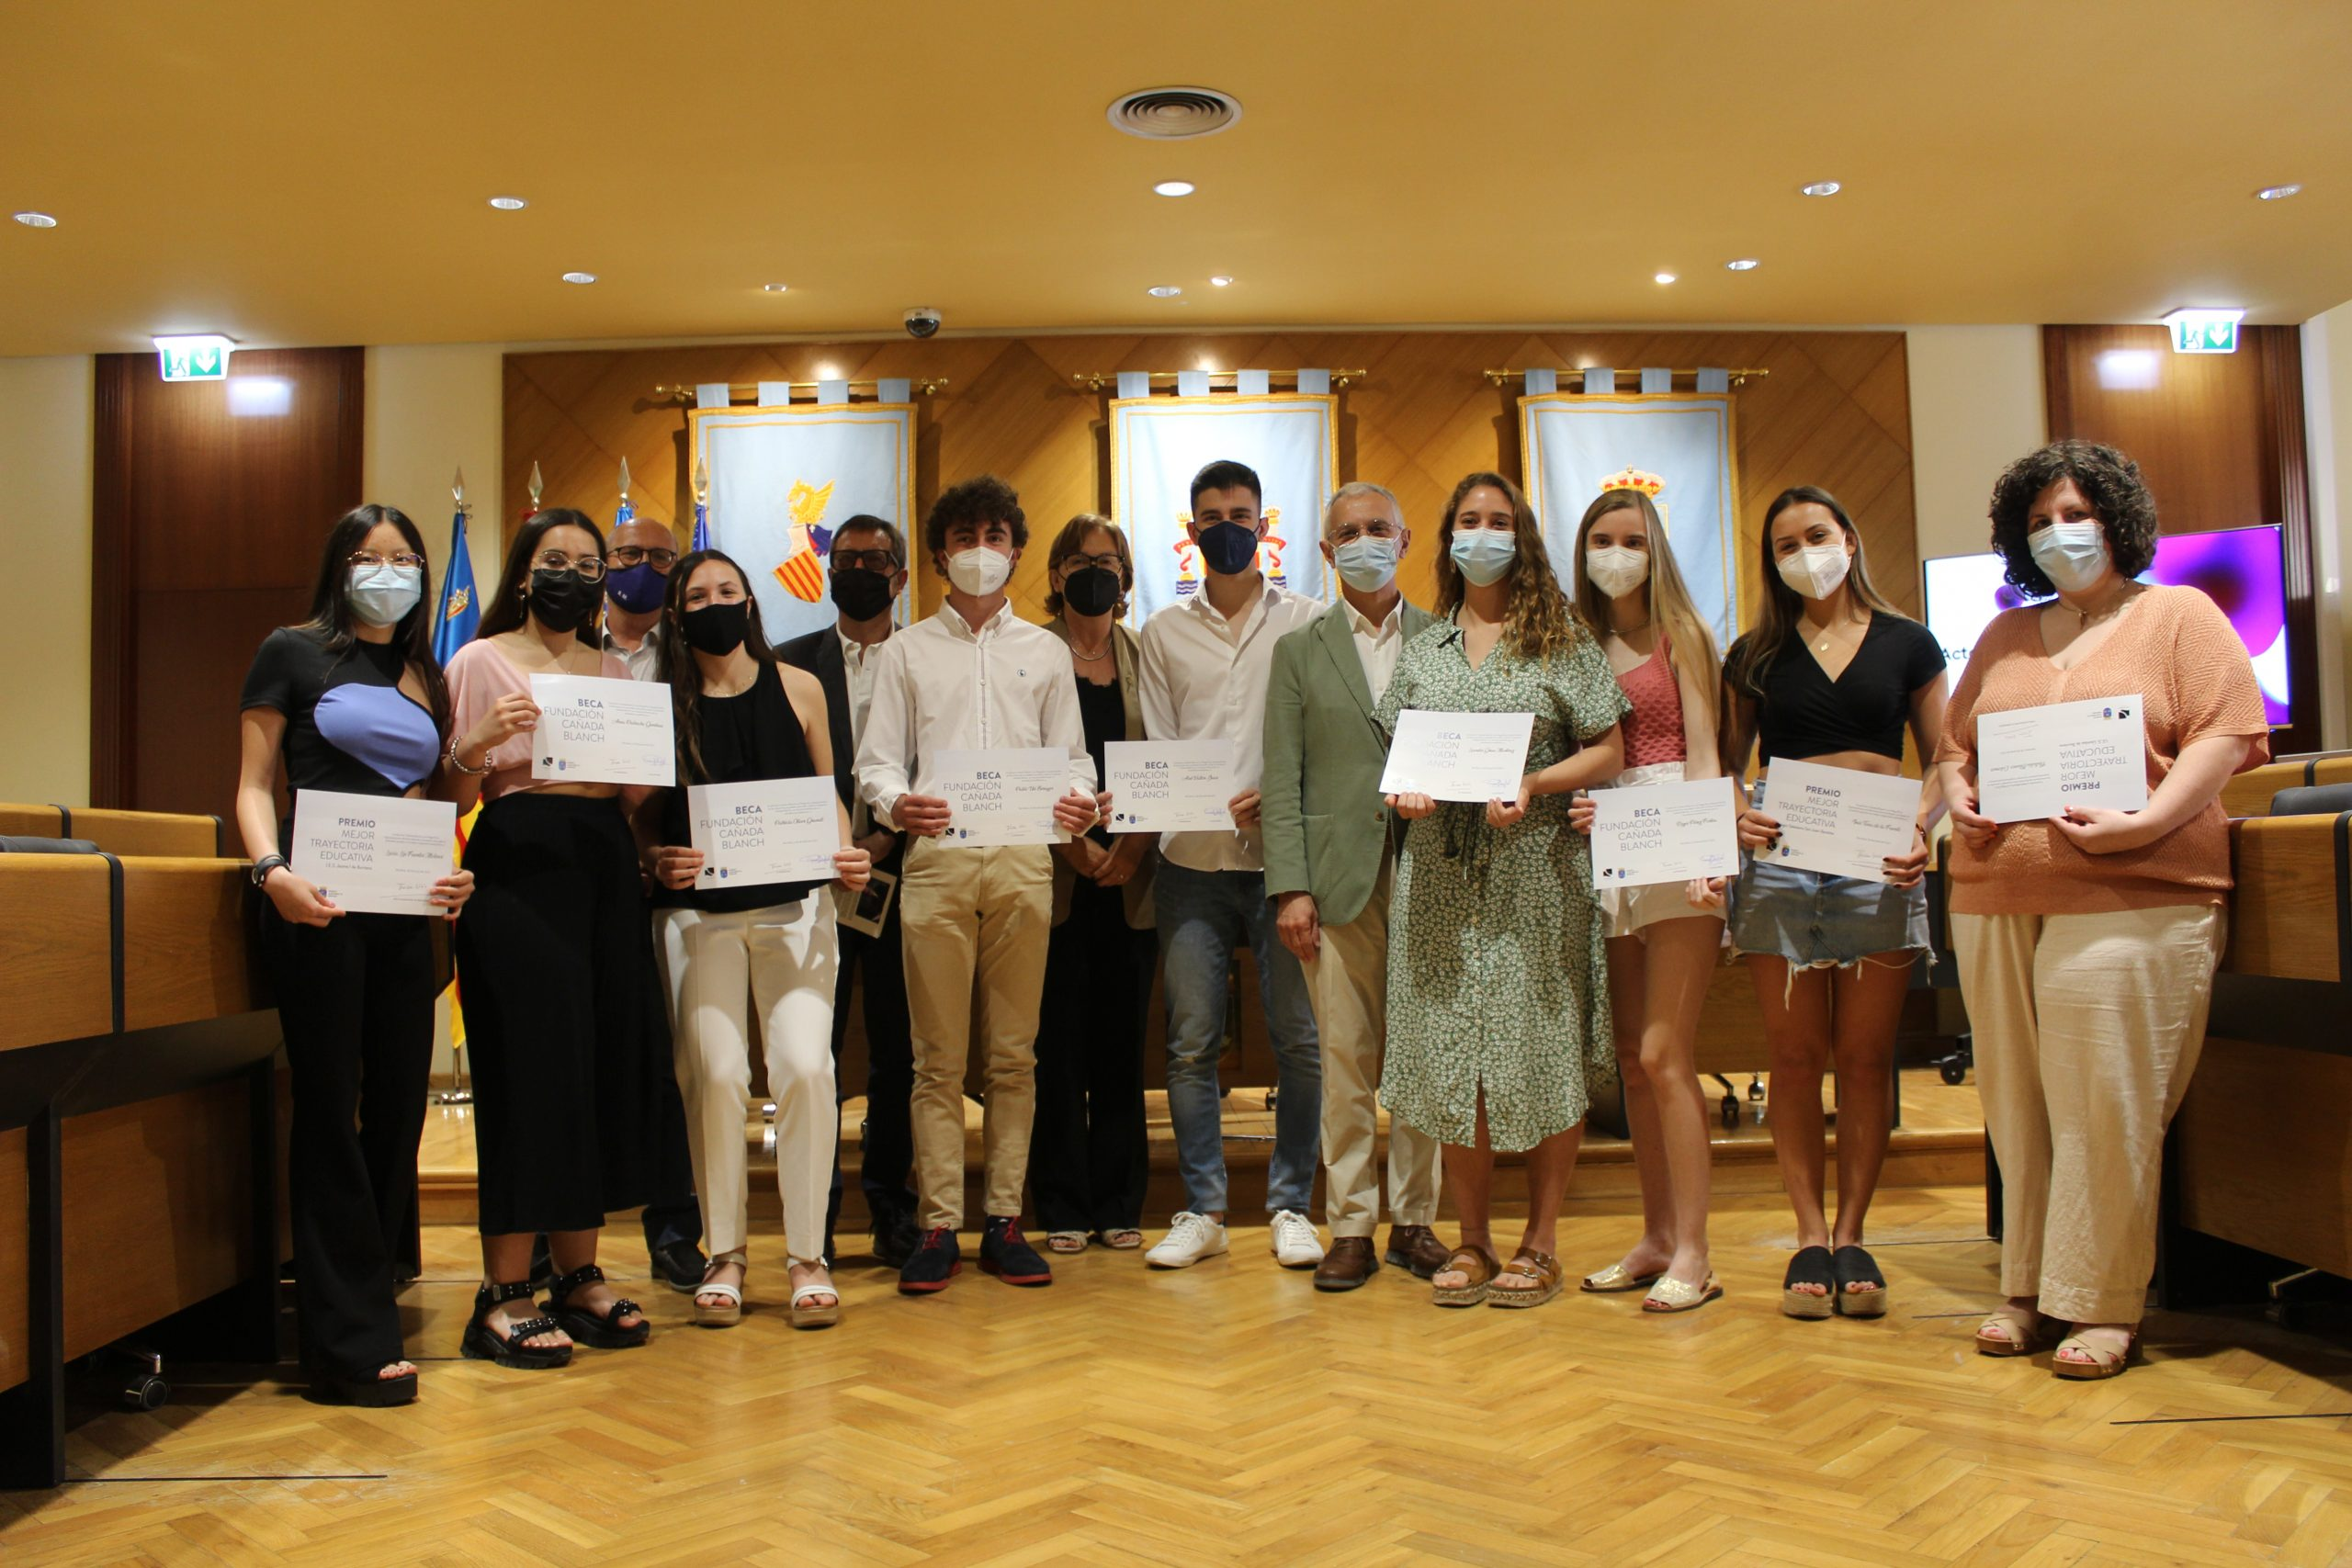 La Fundación Cañada Blanch entrega los premios a la excelencia académica y las becas 2021 a 9 estudiantes de Borriana